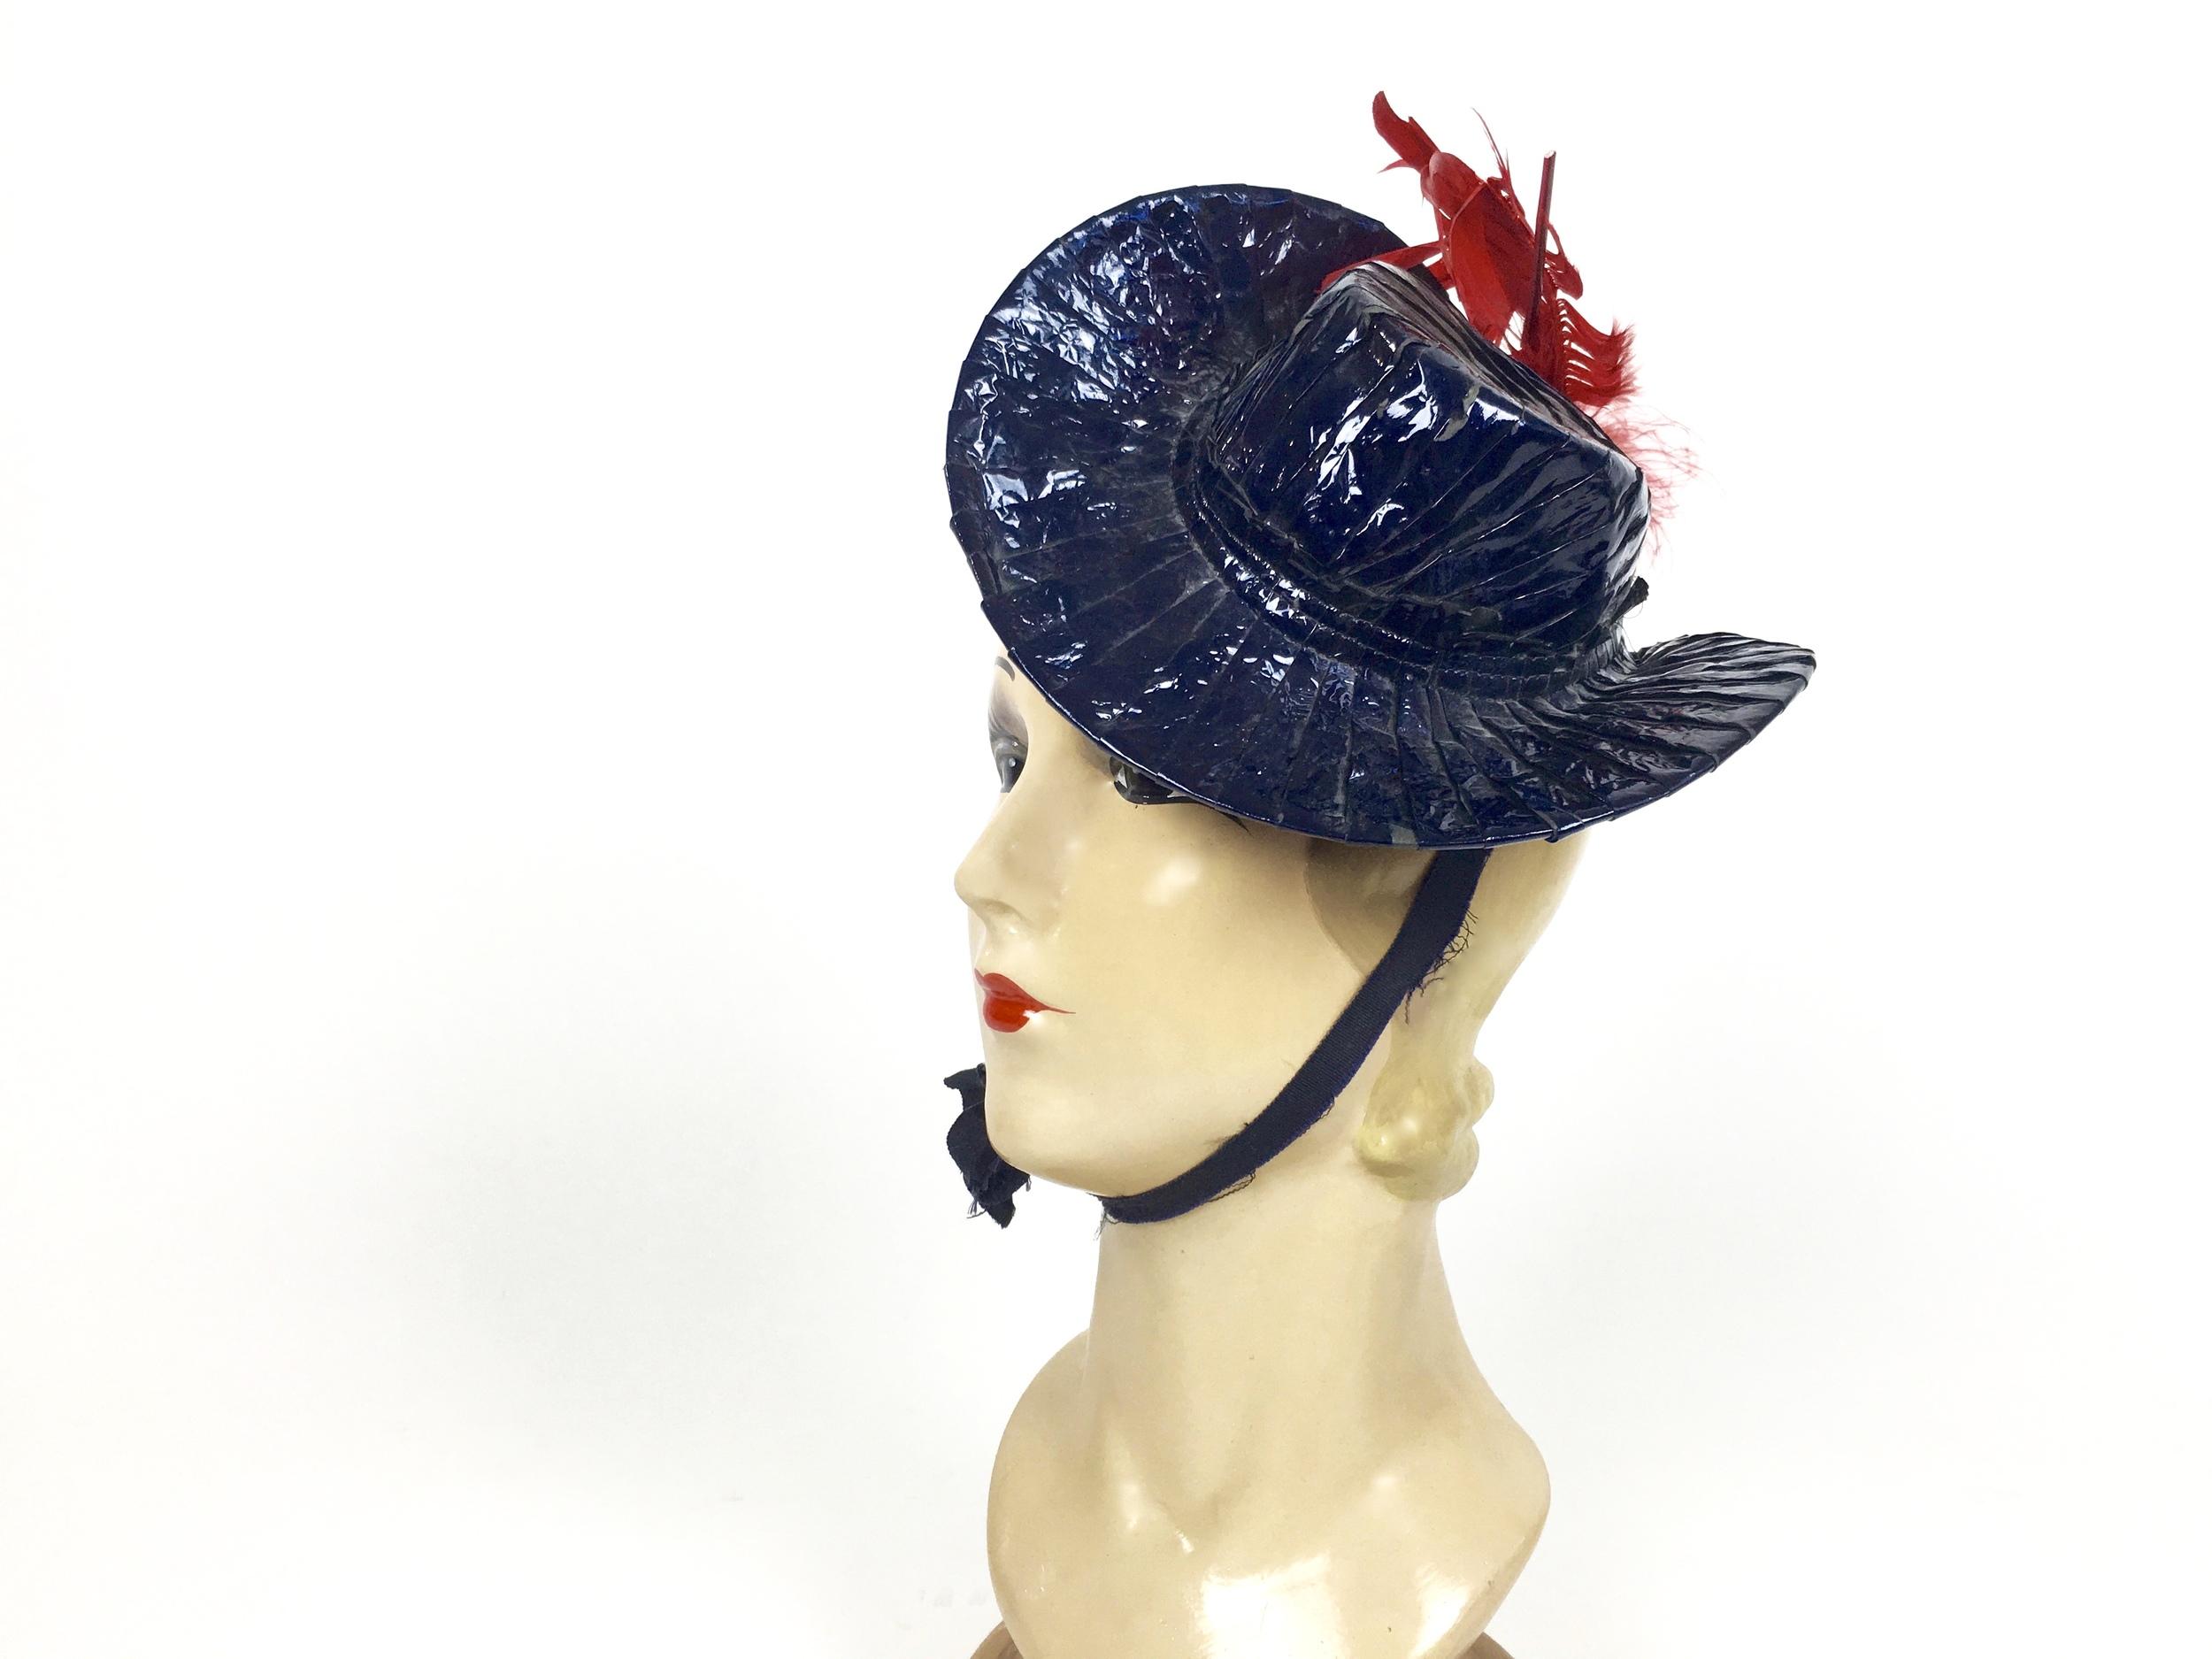 Vintage 1940's toy tilt hat in red & blue